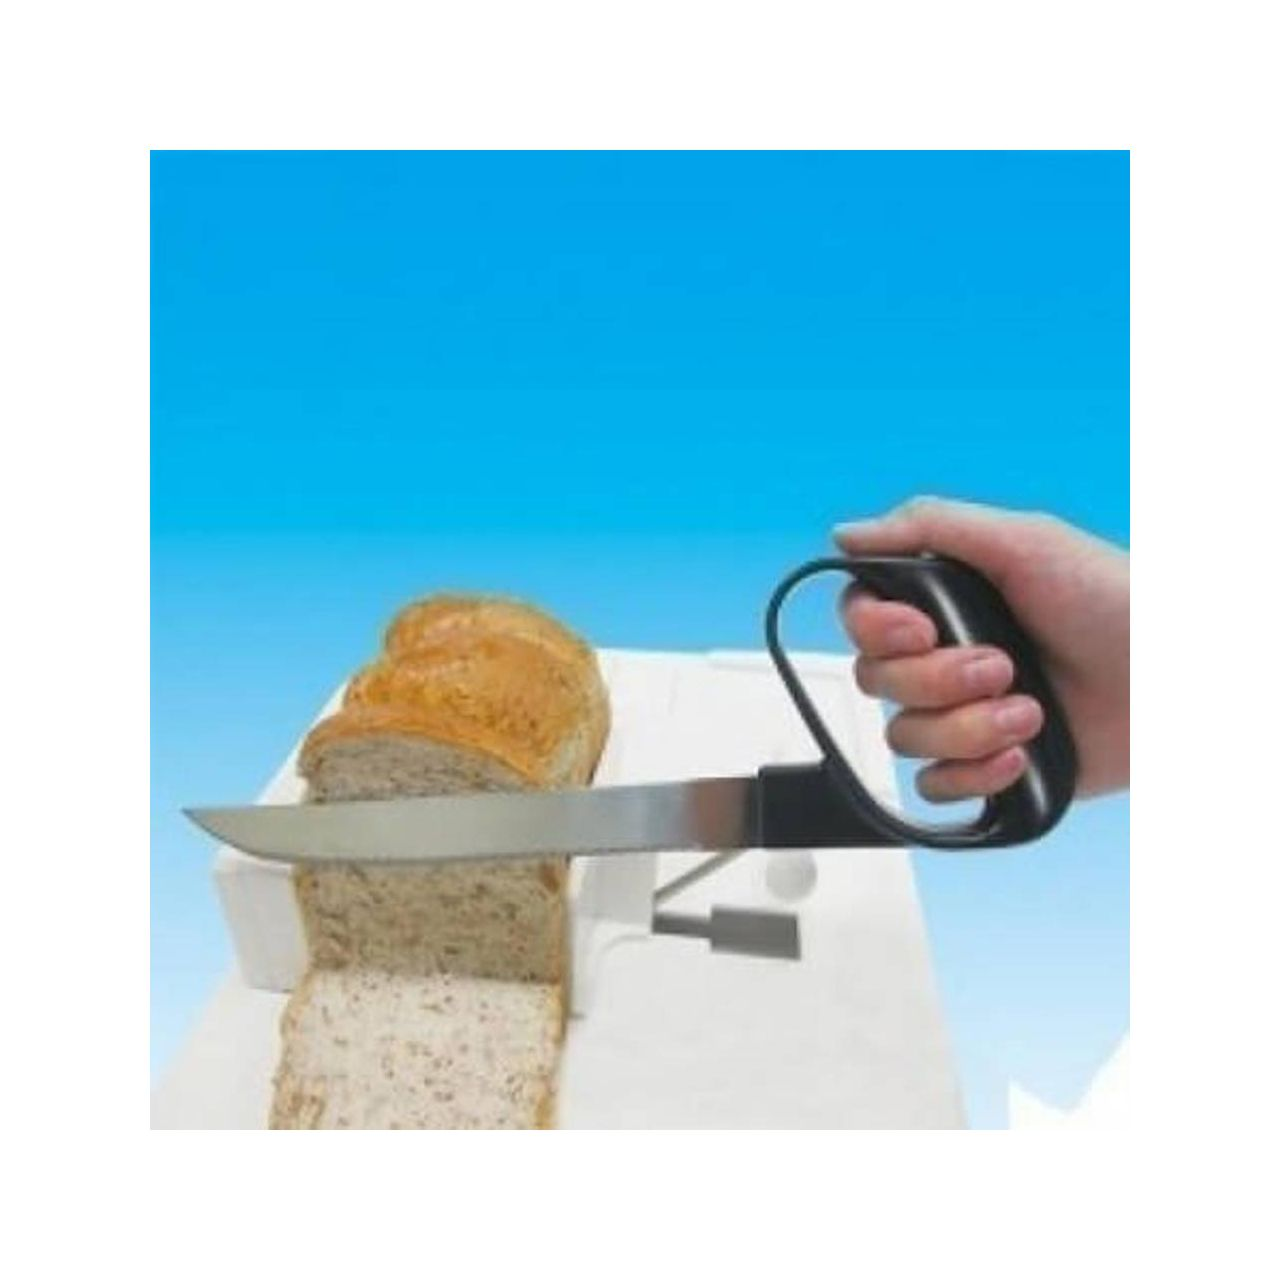 Эргономичный нож для хлеба